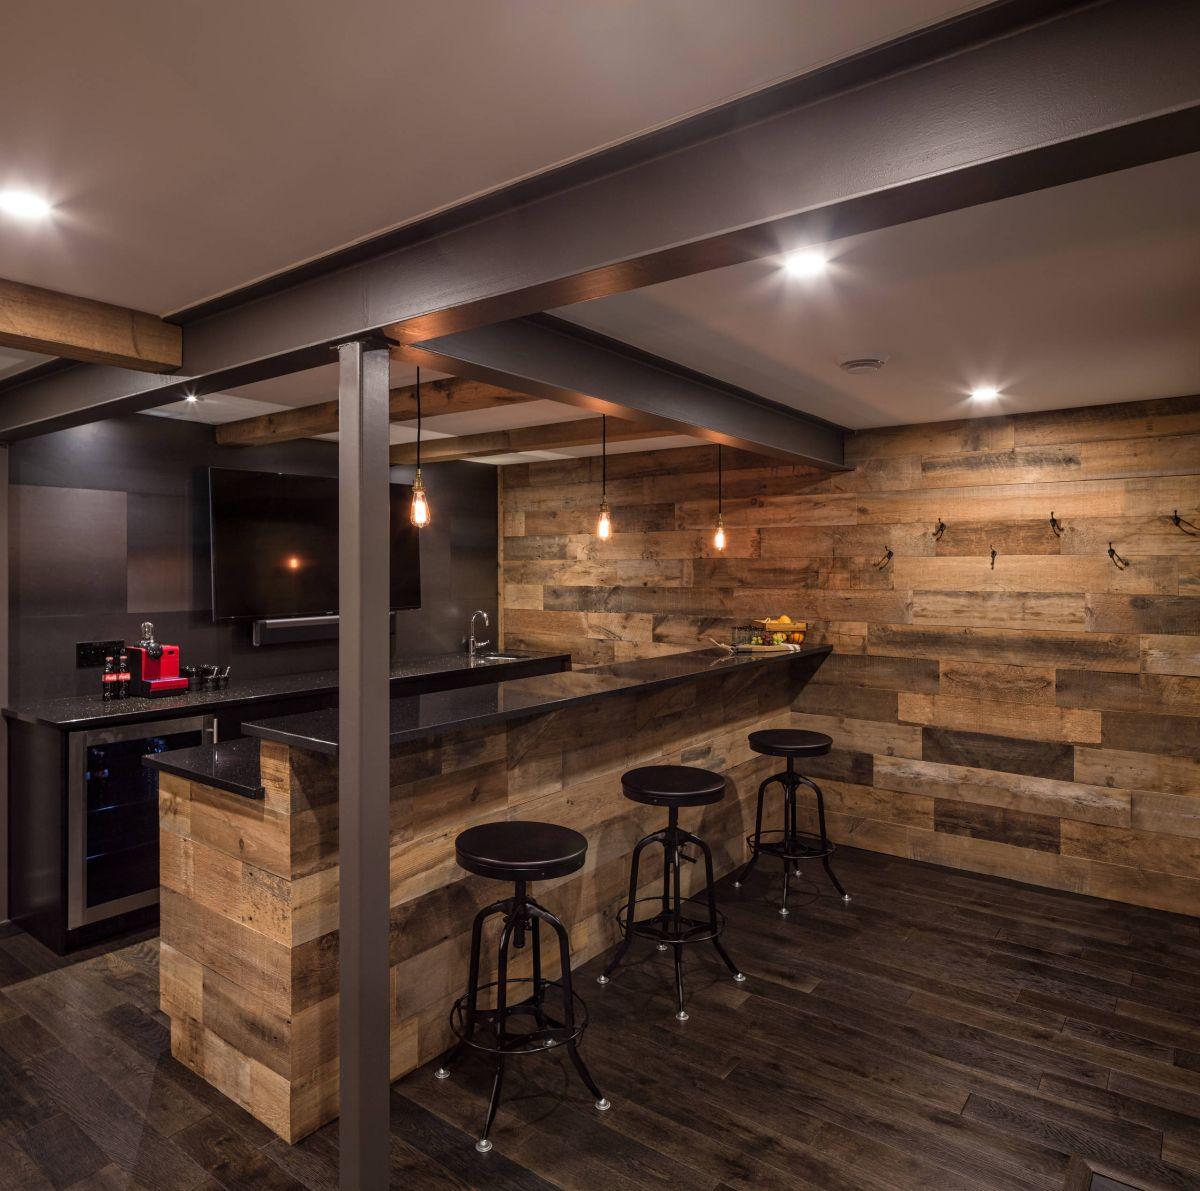 12 essential elements for your basement bar. Black Bedroom Furniture Sets. Home Design Ideas